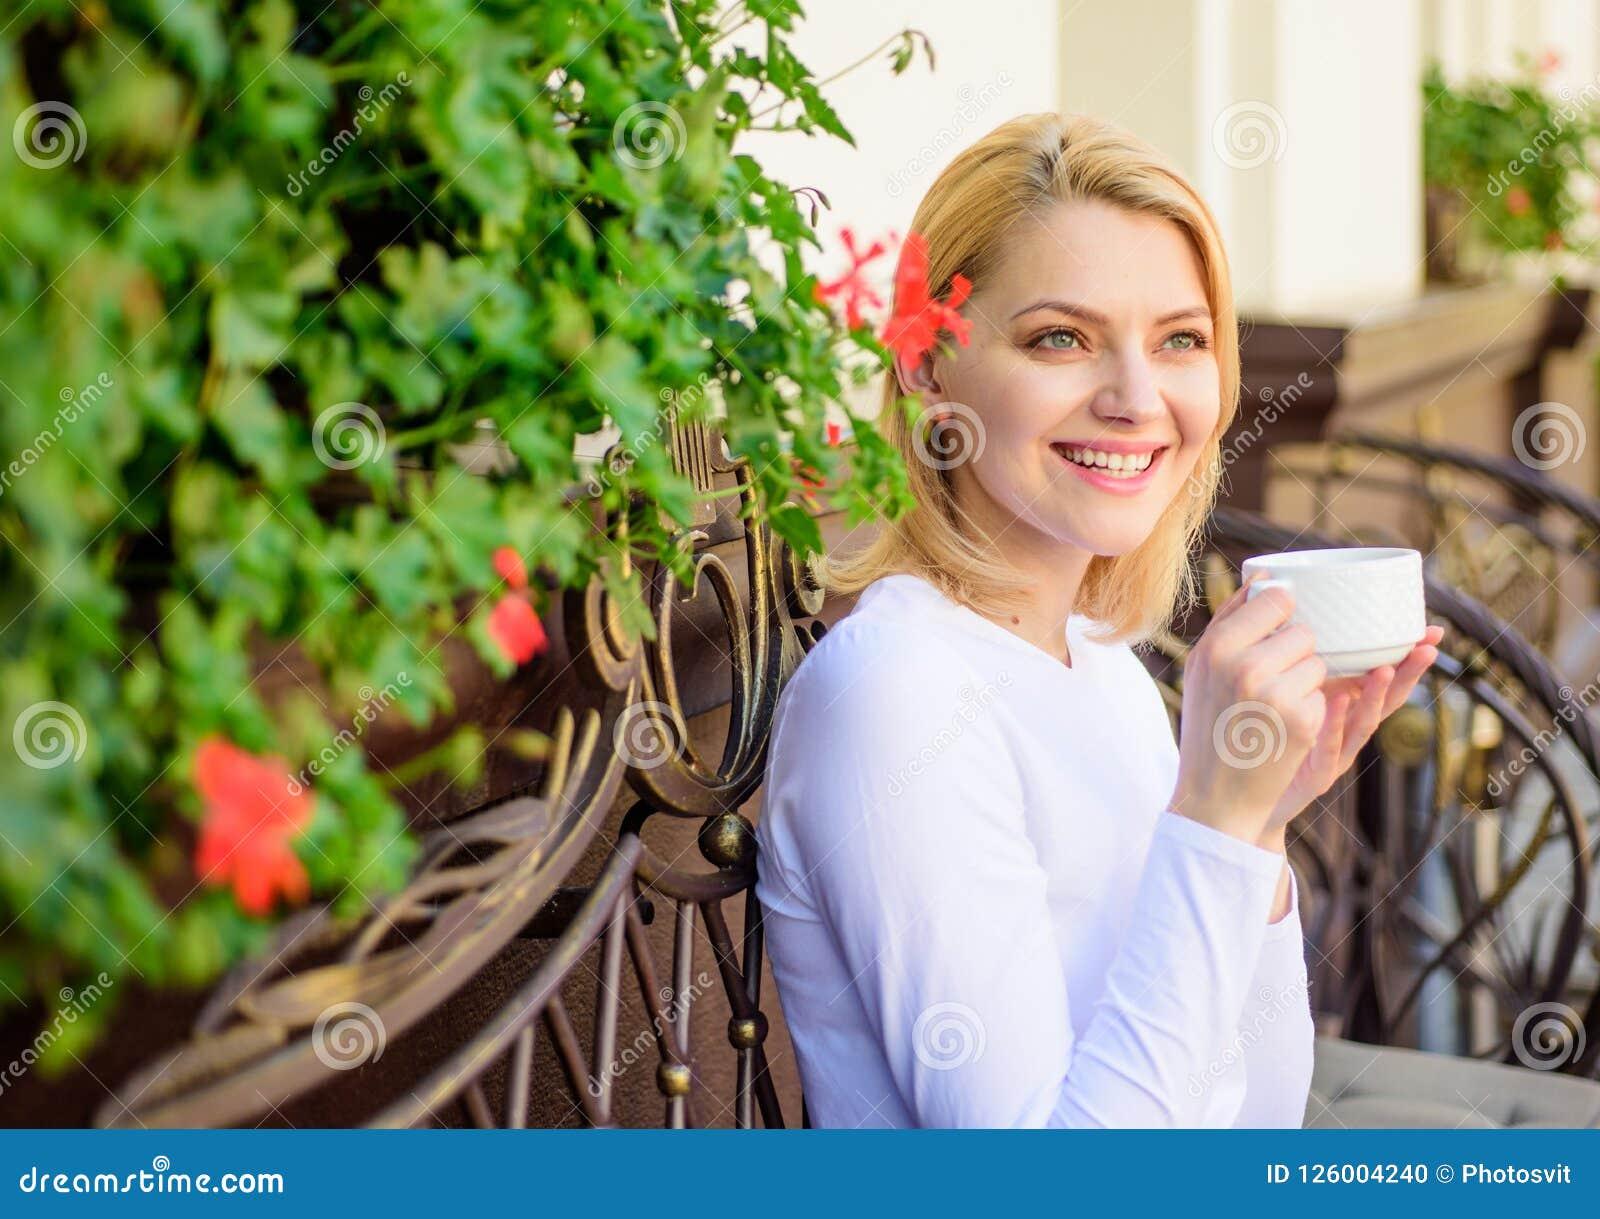 Кофе питья девушки каждое утро на том самом месте как ежедневно ритуал Женщина имеет террасу кафа питья outdoors Имейте глоточек